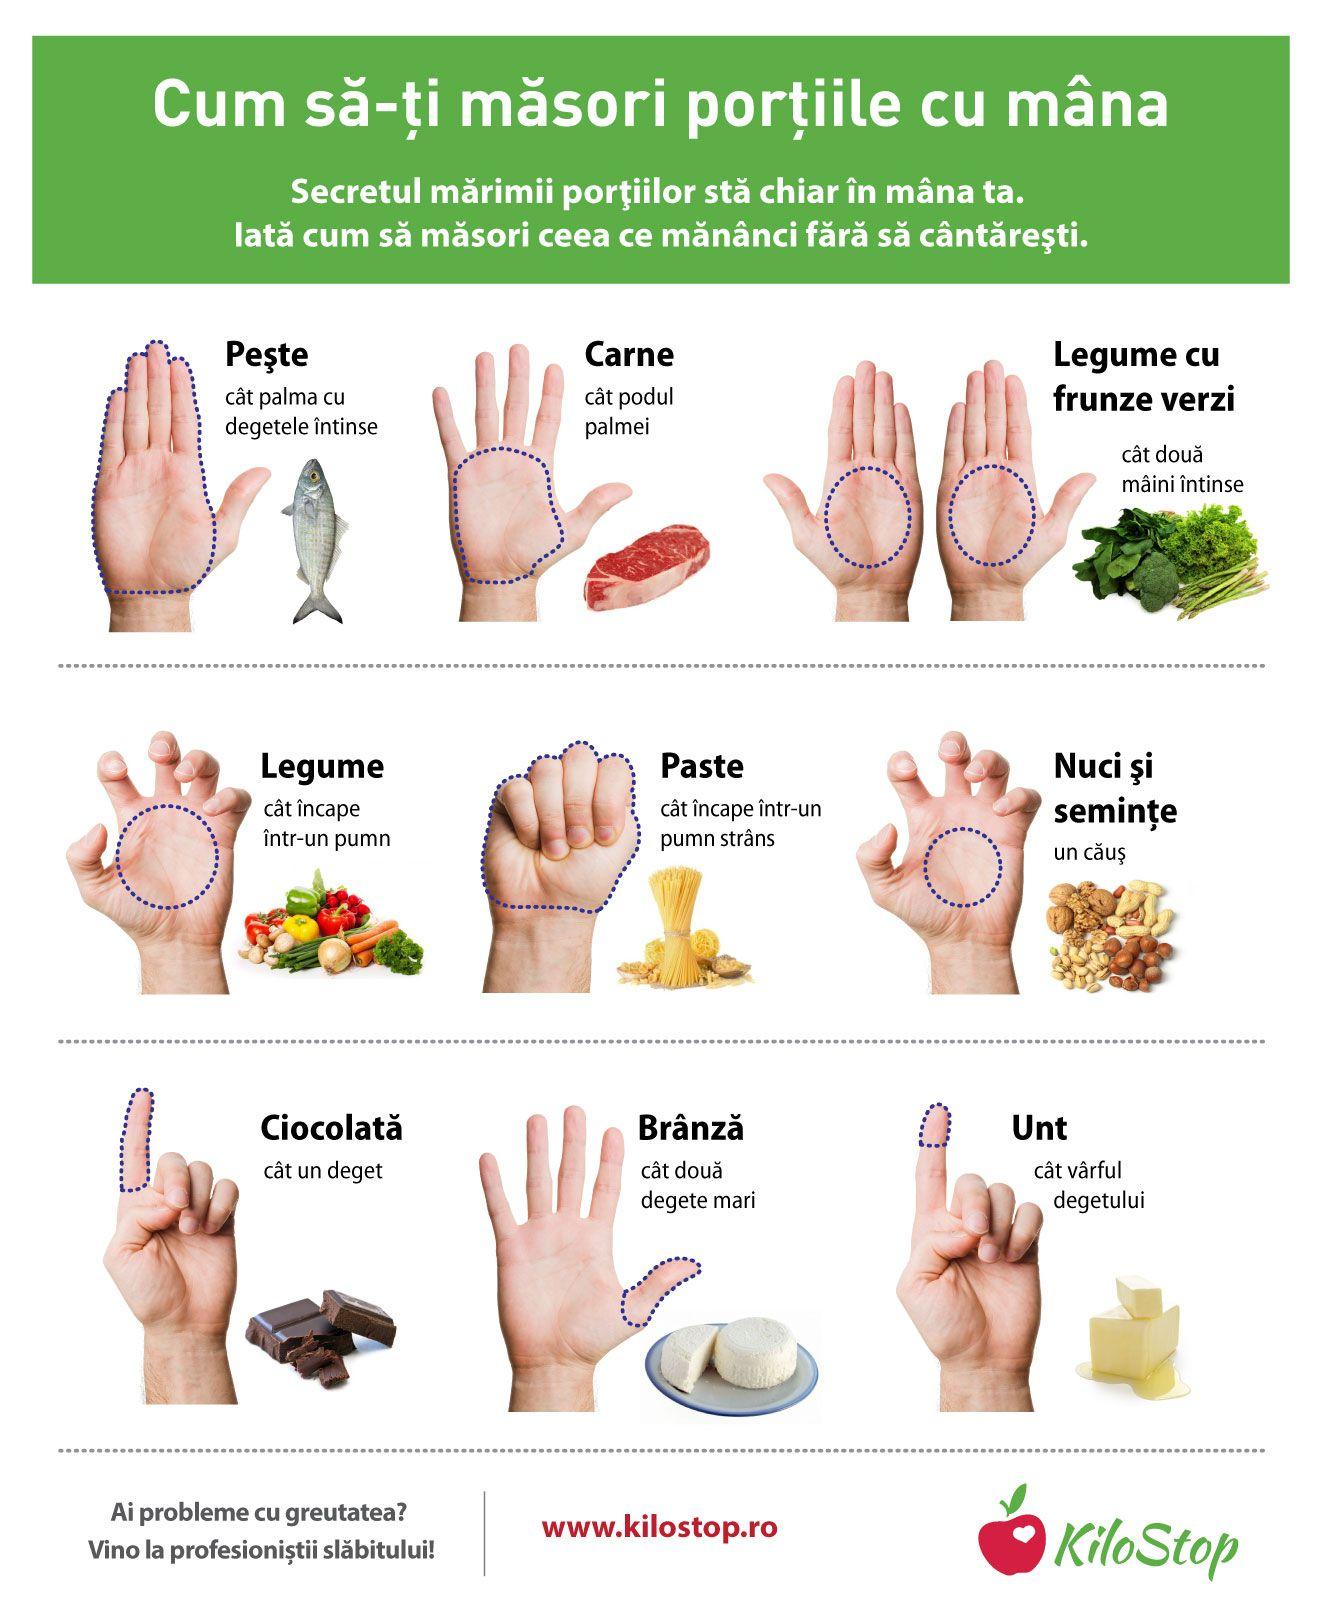 sfaturi de rutină pentru pierderea în greutate